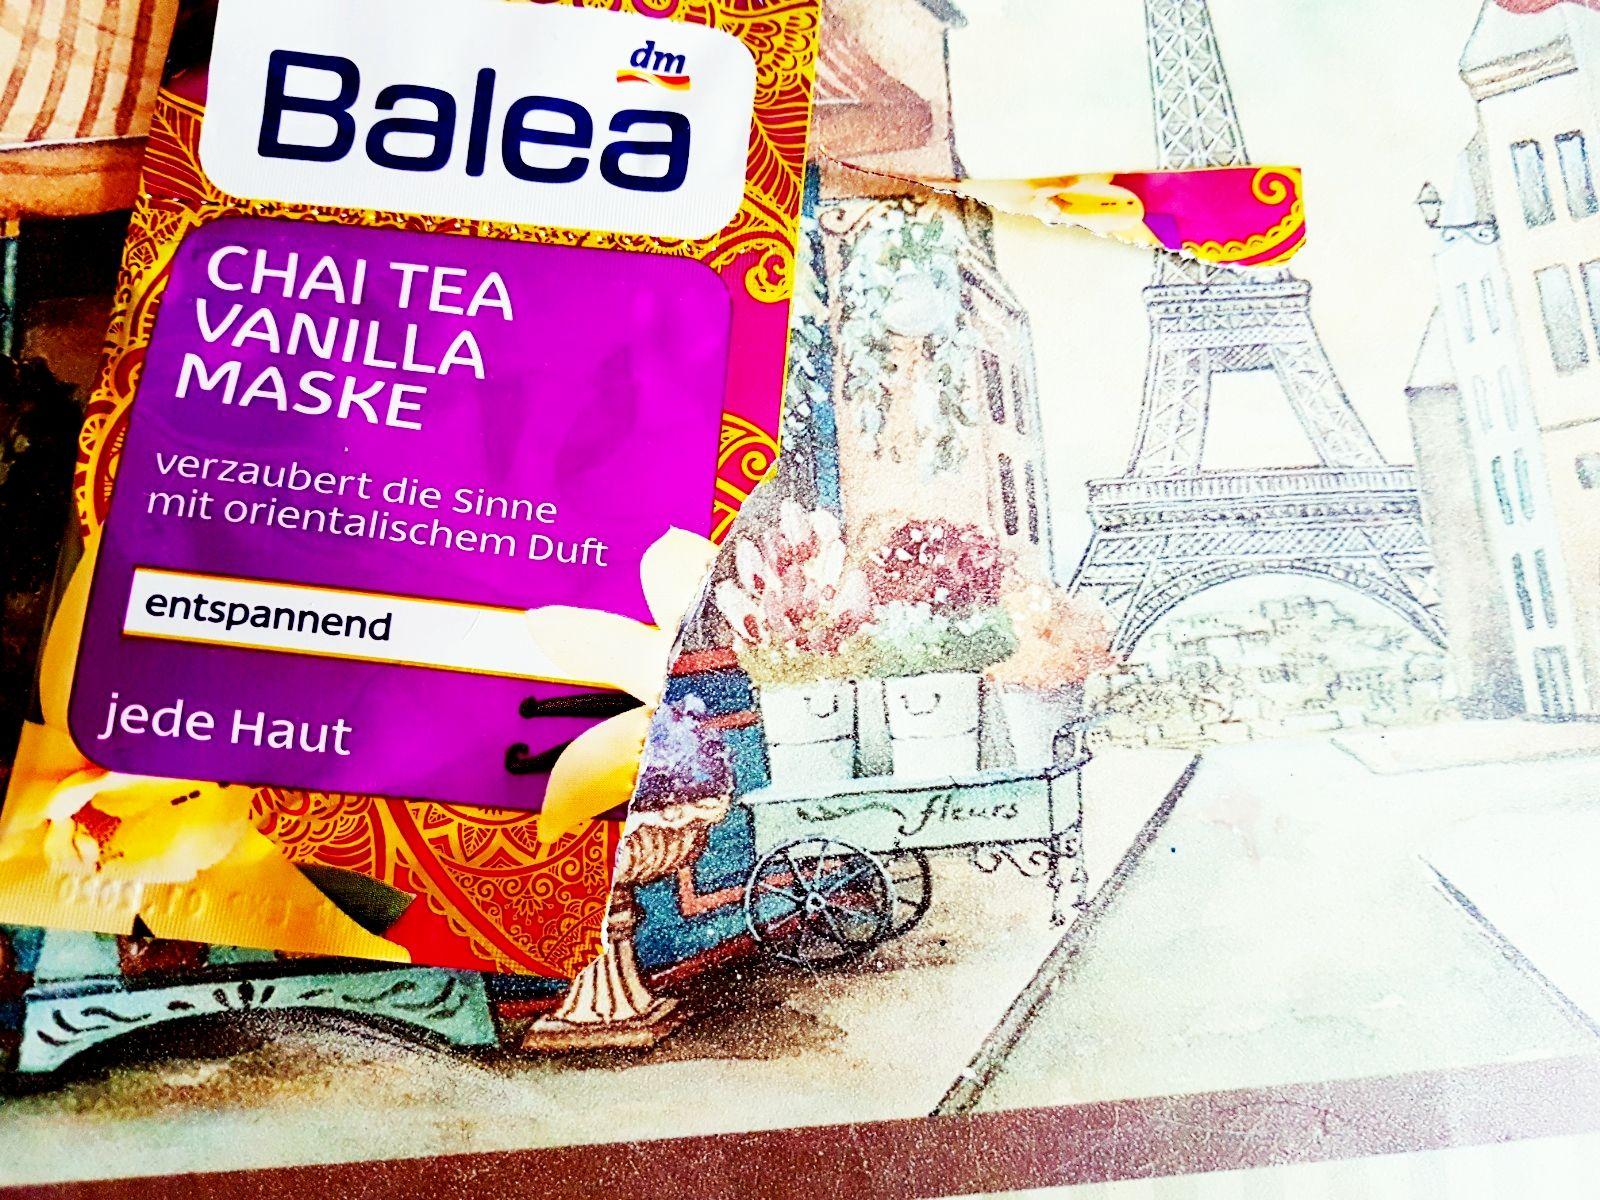 Chai Tea Vanilla Maske von Balea